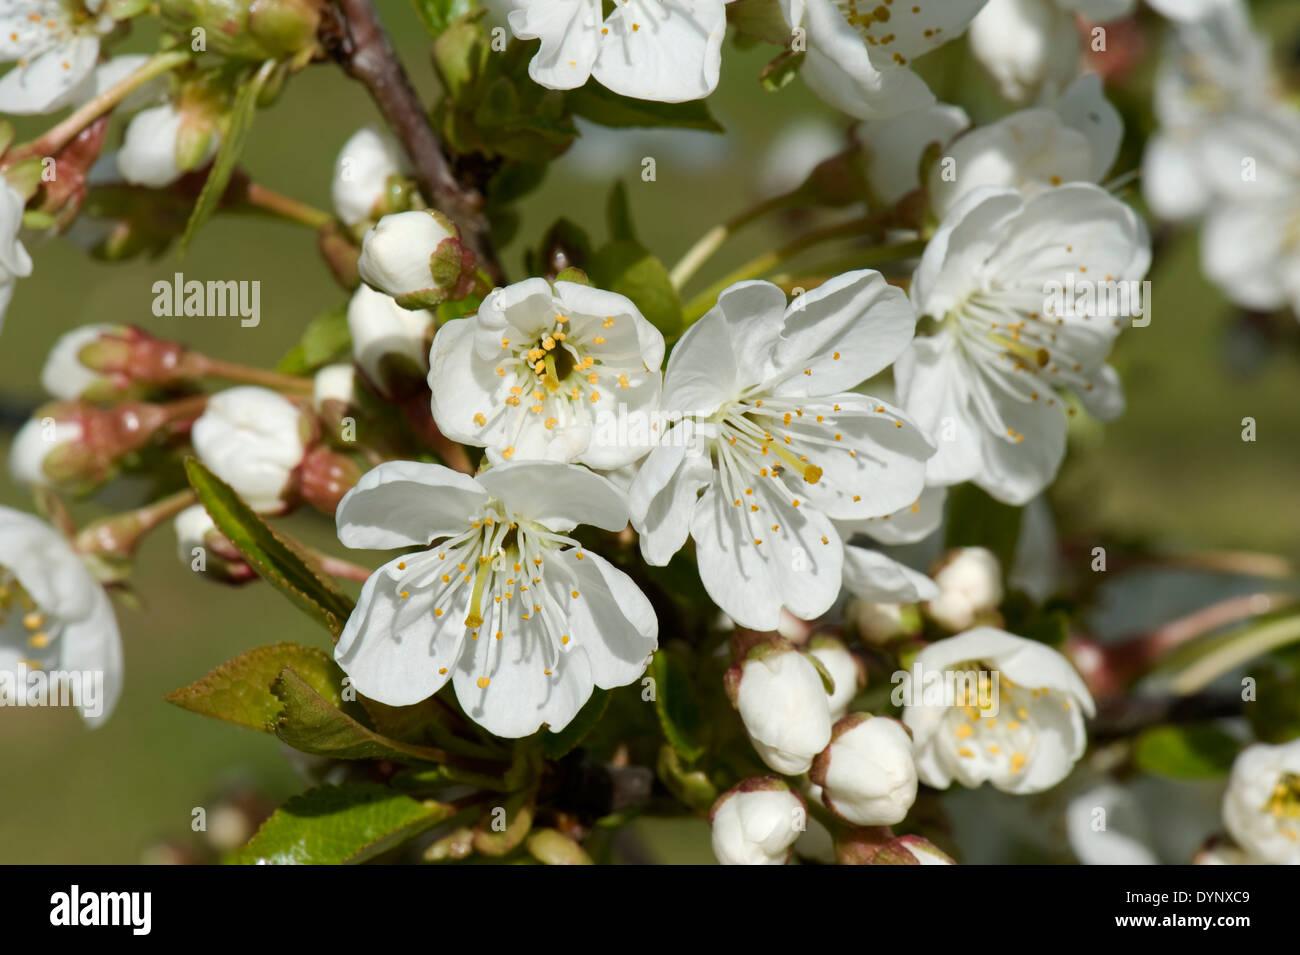 White Cherry Blossom On A Flowering Fruit Tree Prunus Avium In